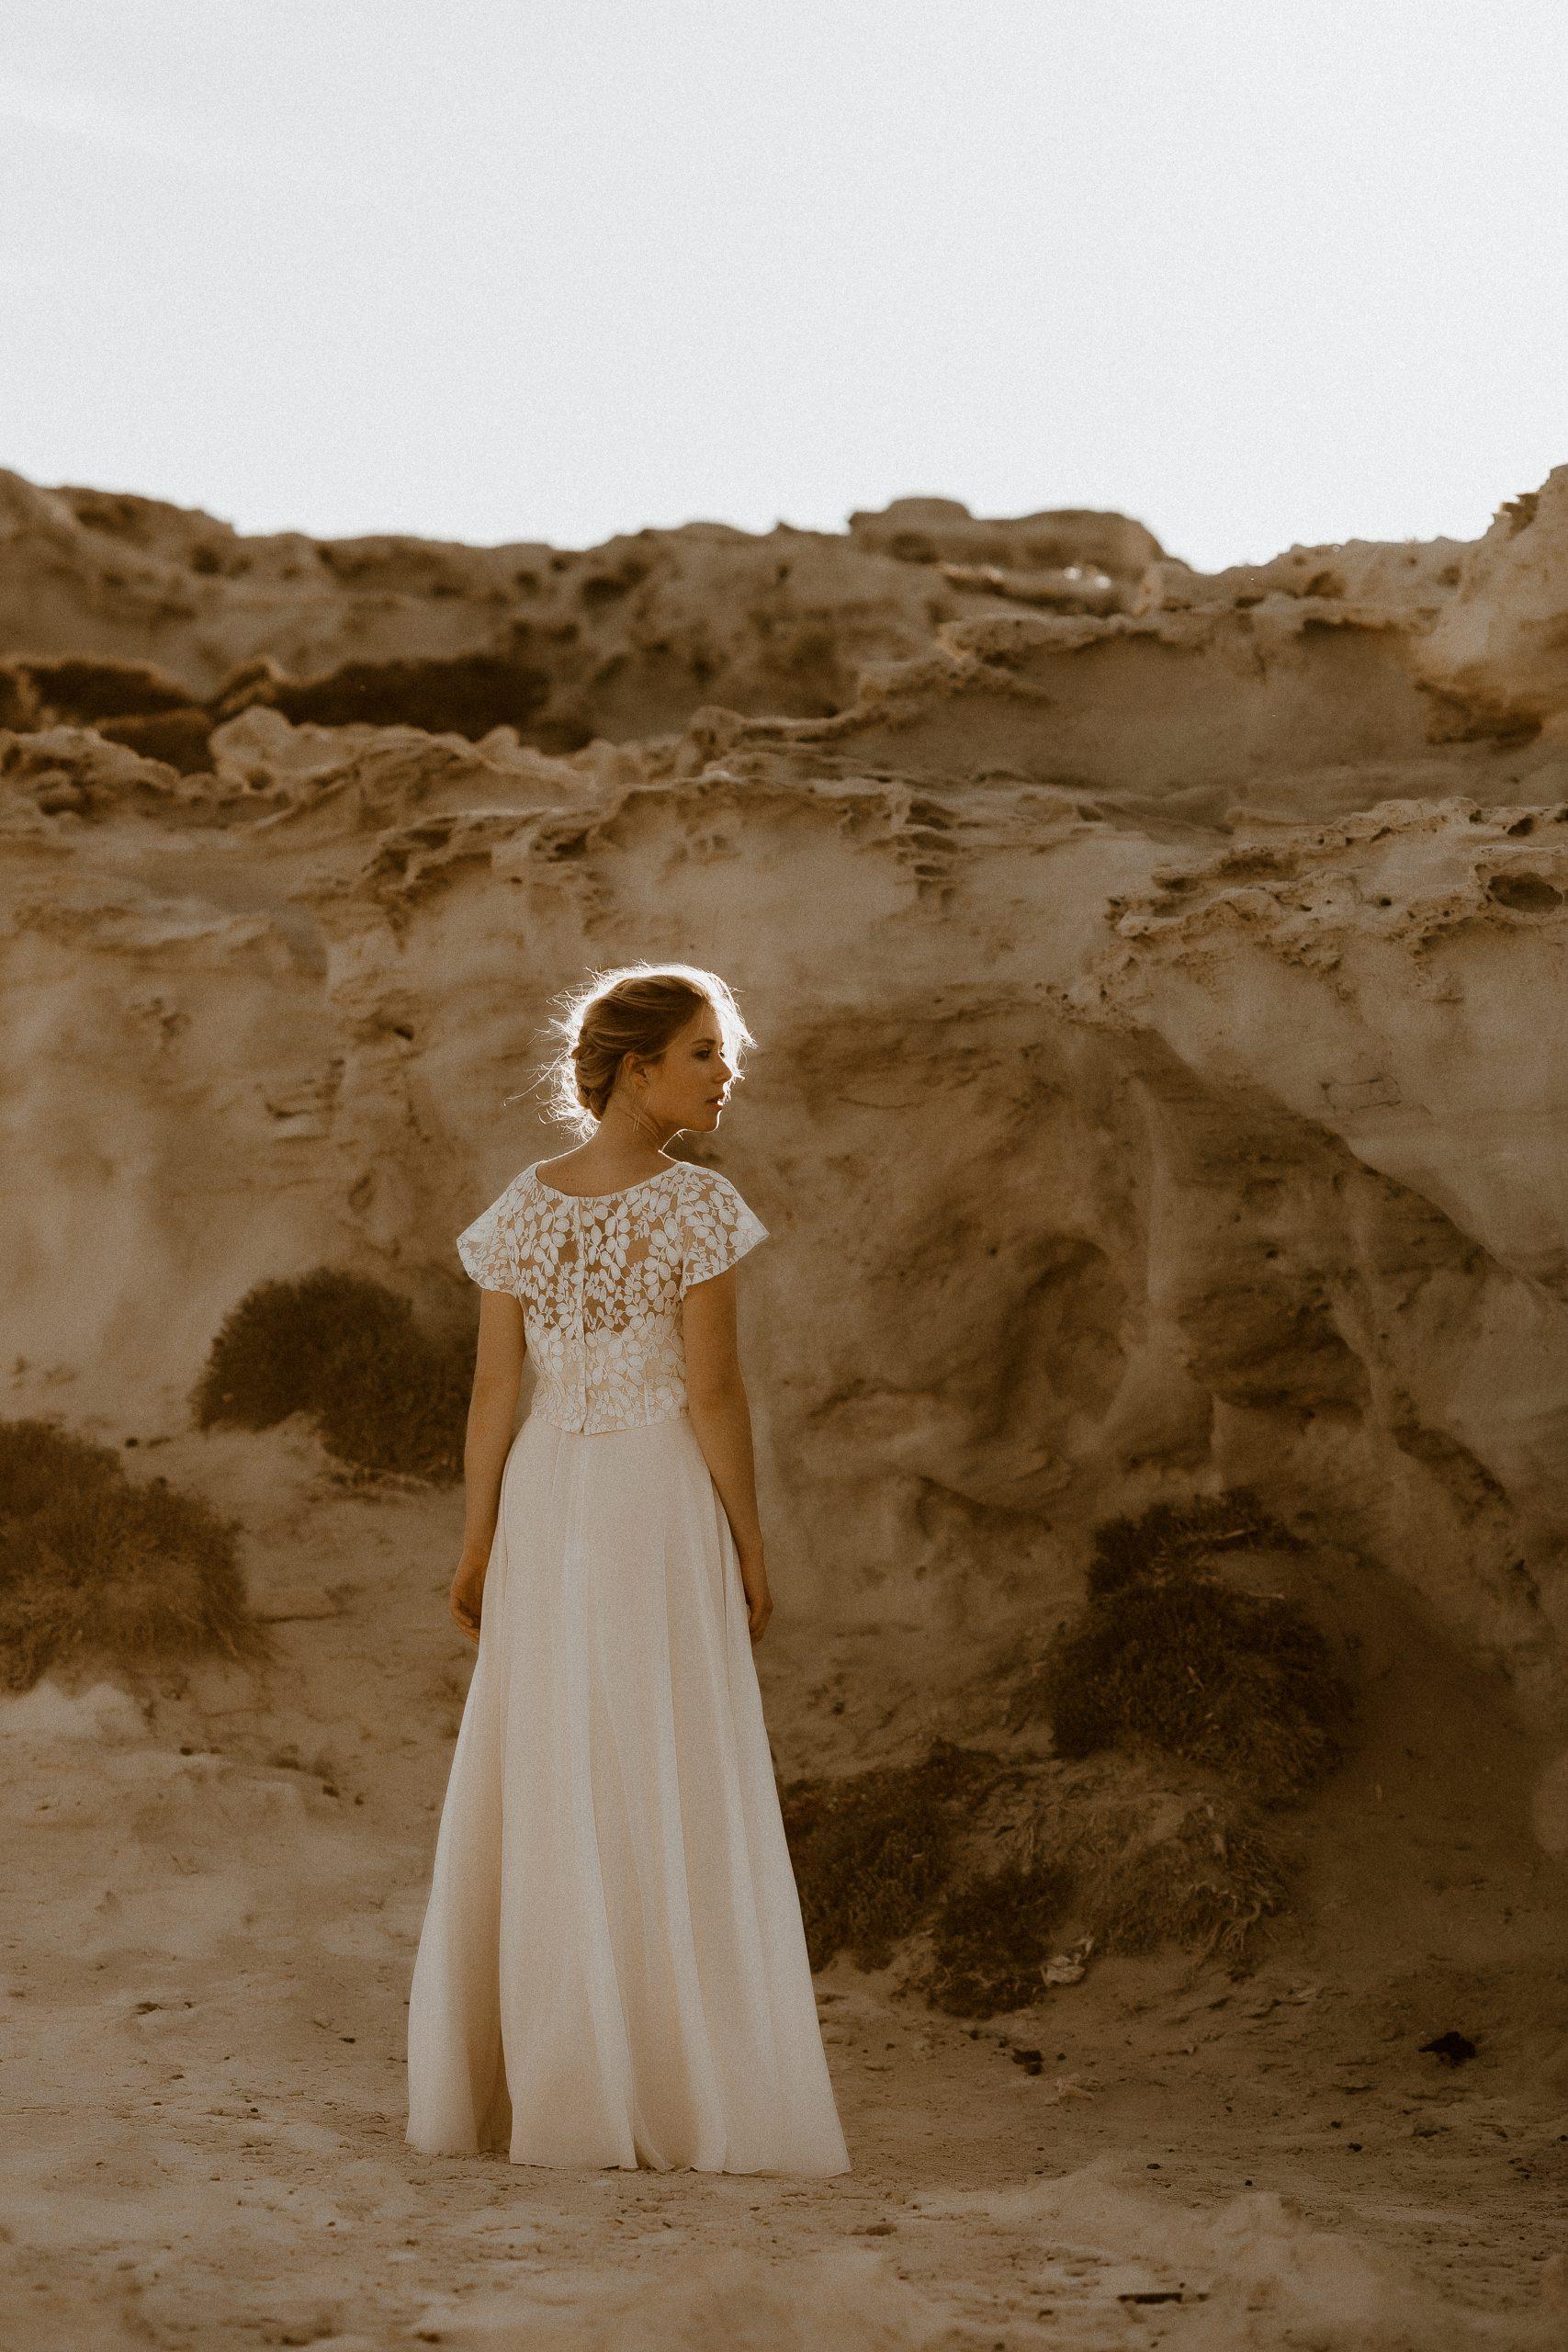 noni Brautkleider, Top mit Flügelärmeln und langem Rock aus Chiffon mit Beinschlitz